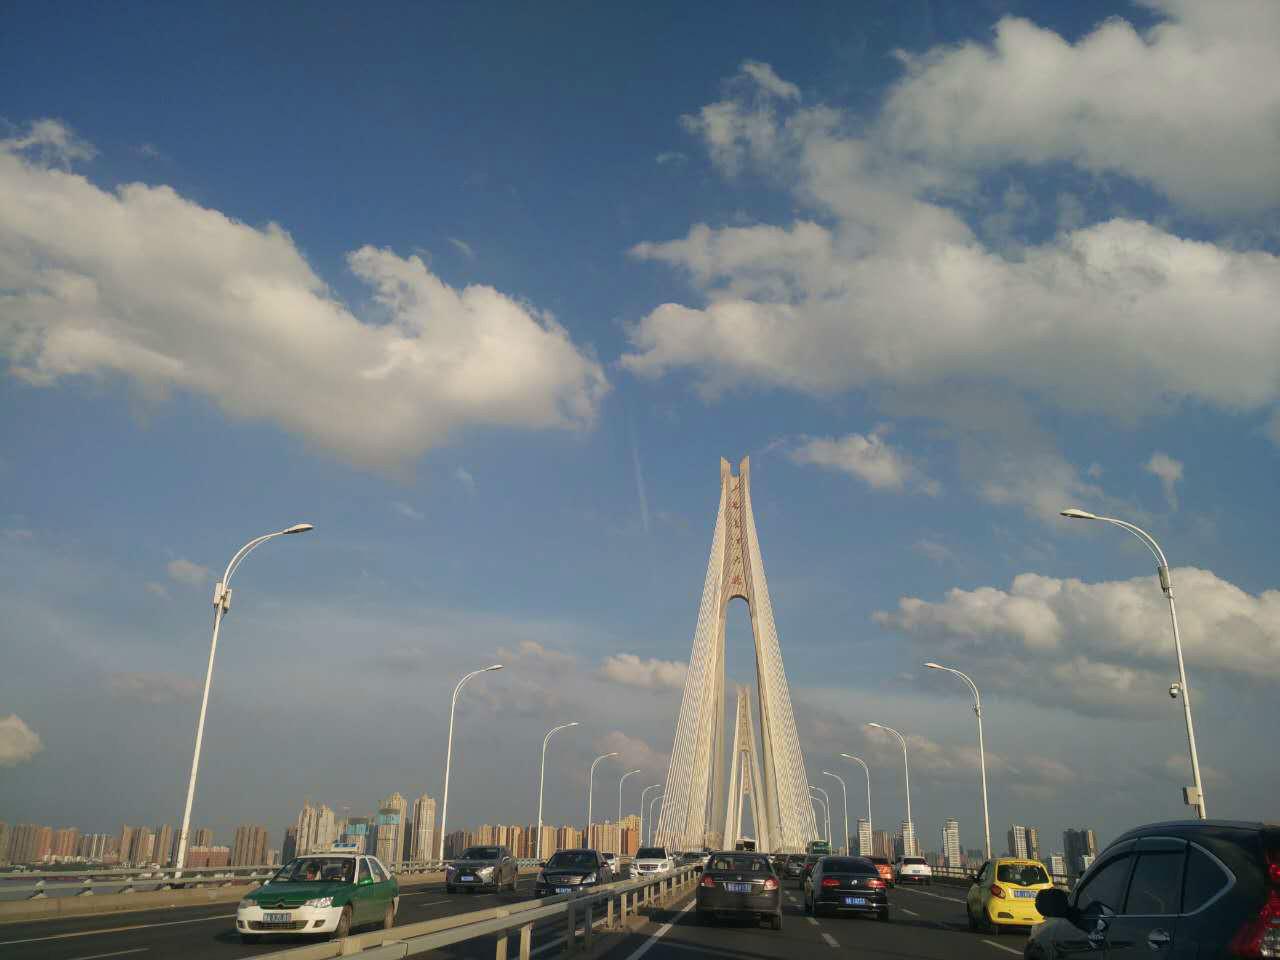 错过了早上的彩虹,却看到了长江上美丽天空